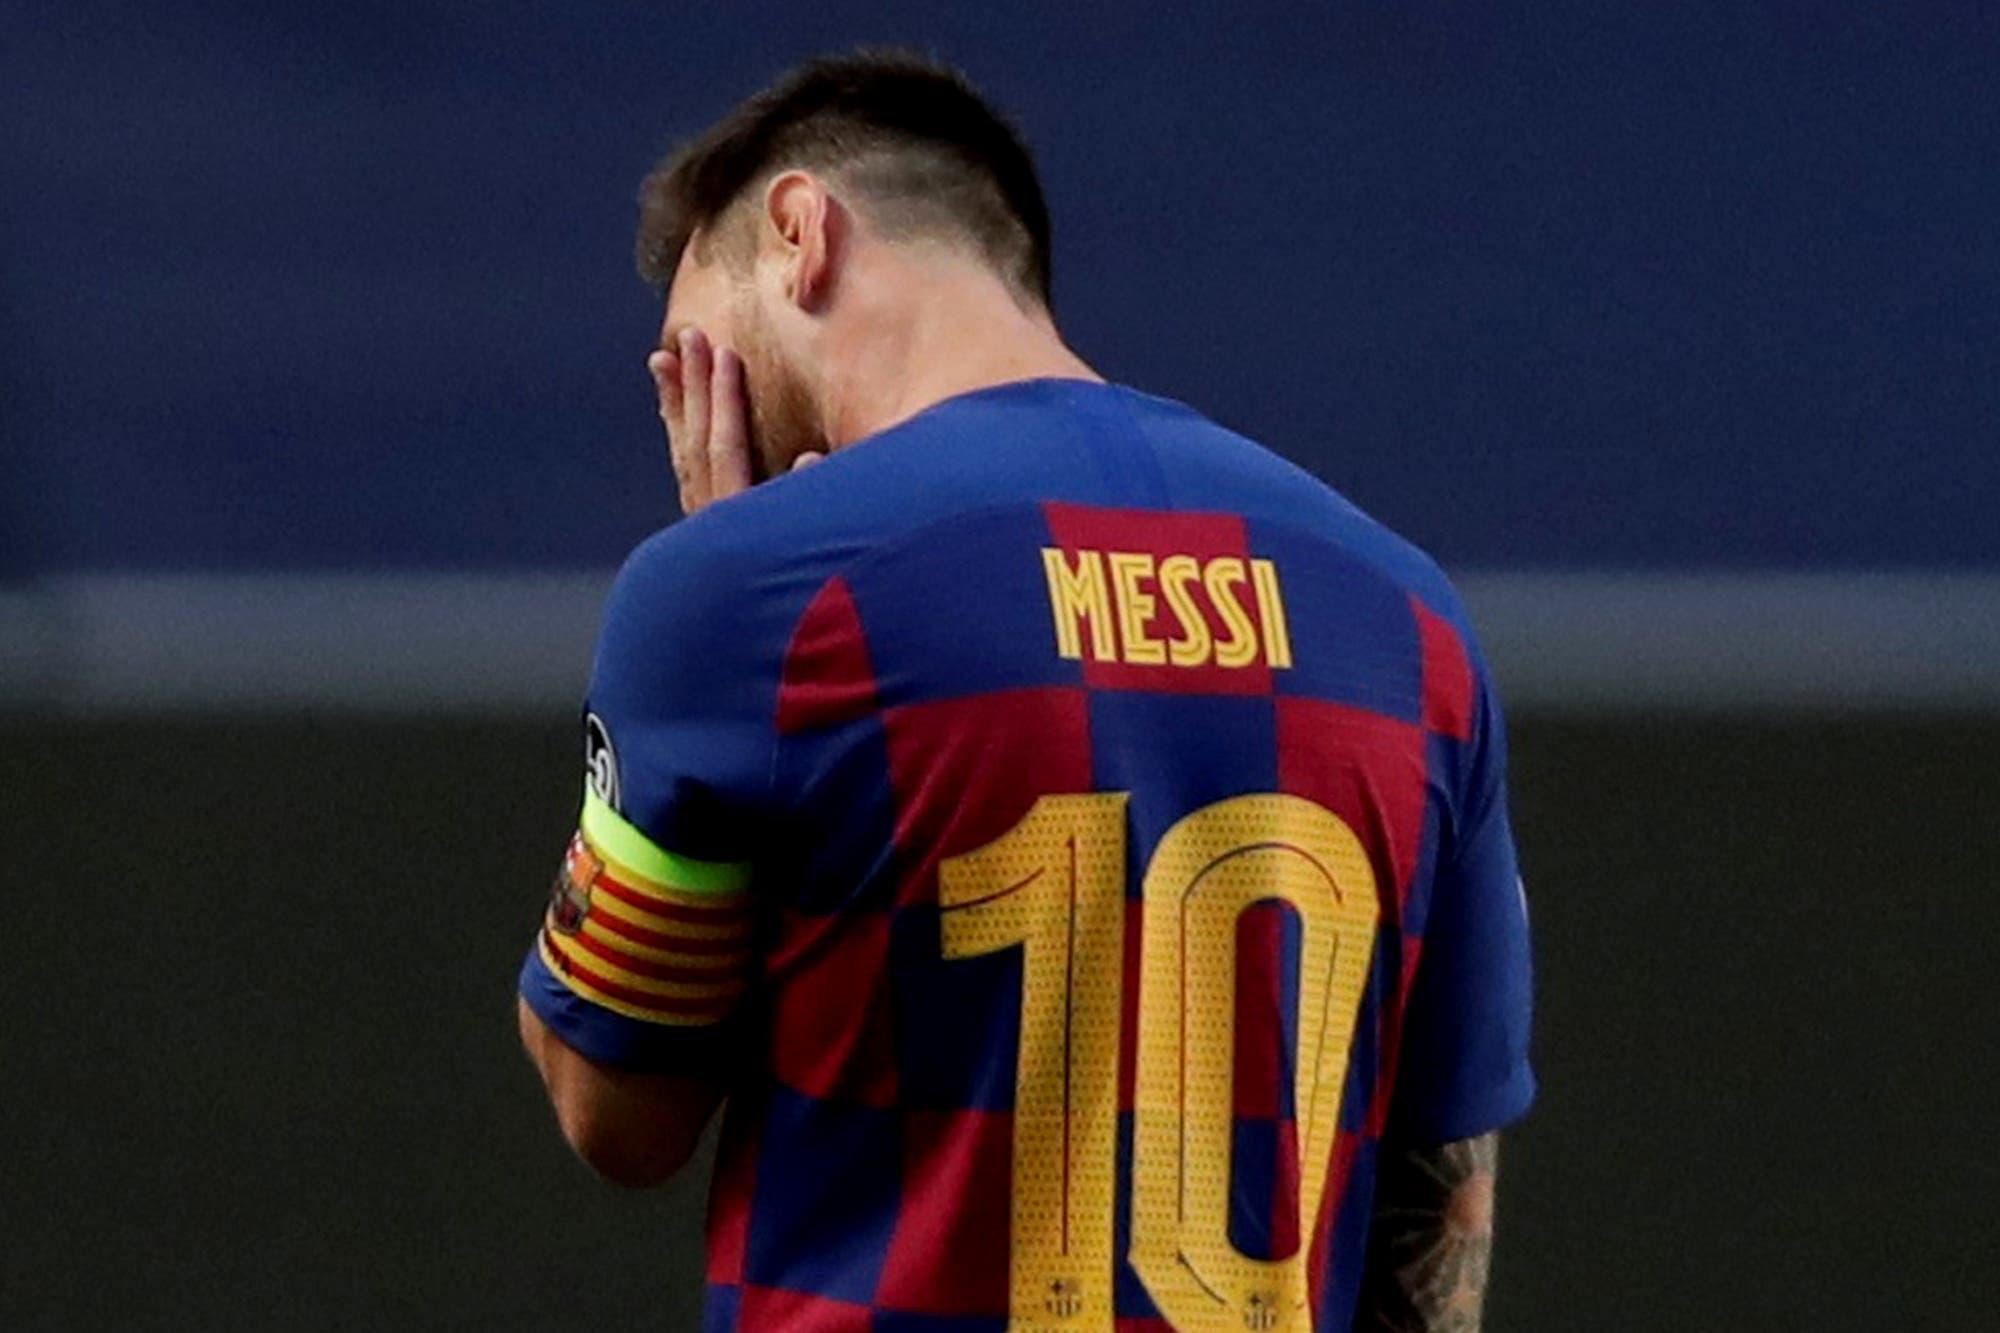 Se va Lionel Messi de Barcelona: qué dice la cláusula del contrato que quiere ejecutar para irse